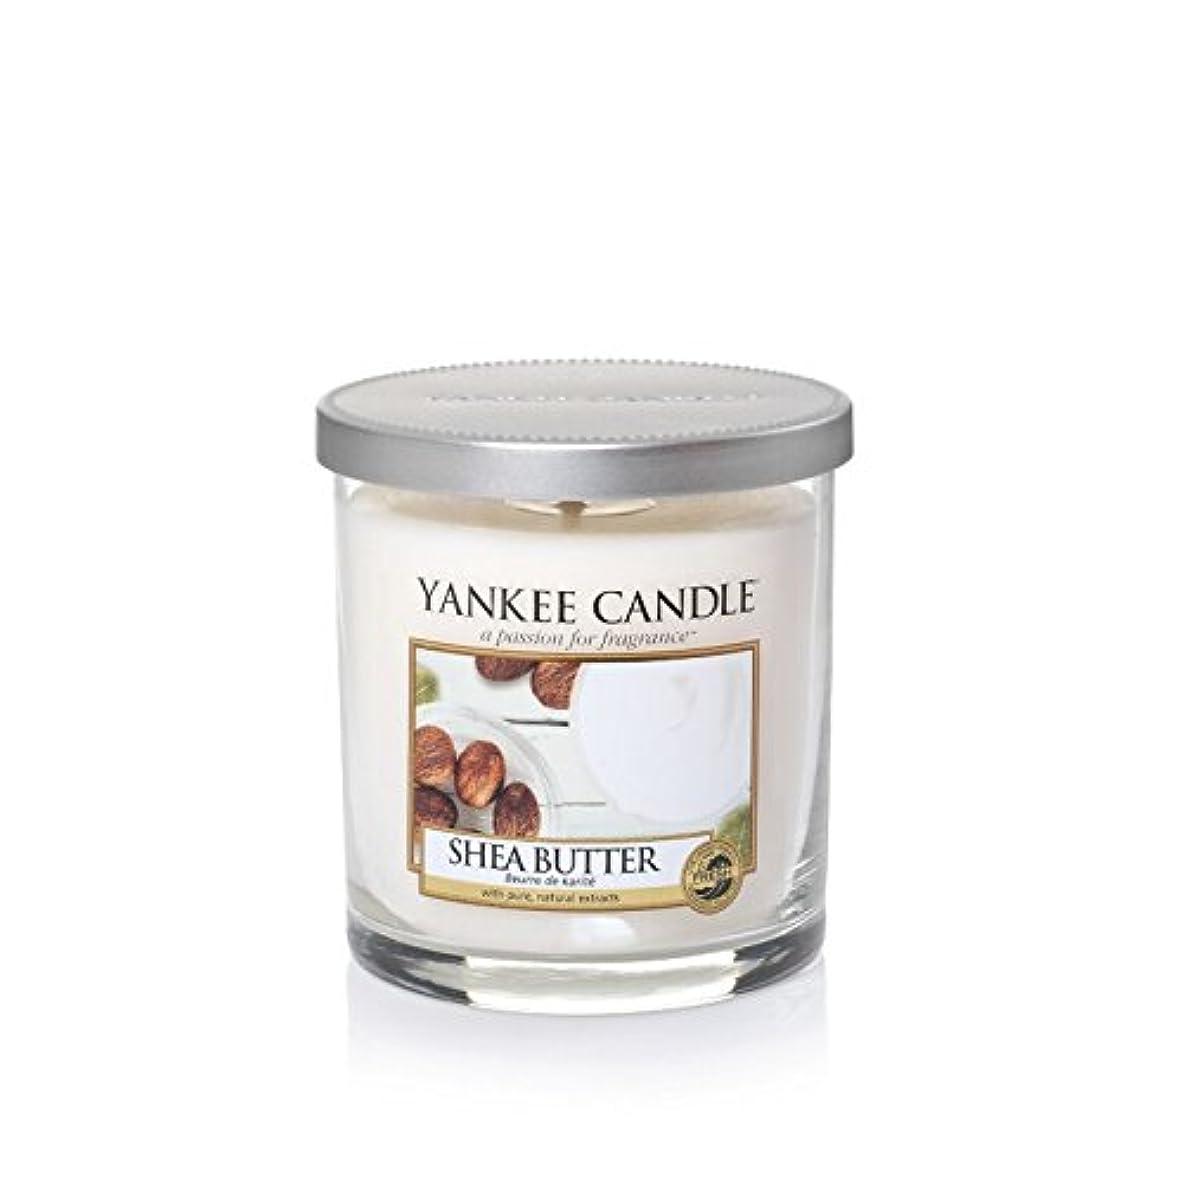 駅耐えられる滴下Yankee Candles Small Pillar Candle - Shea Butter (Pack of 6) - ヤンキーキャンドルの小さな柱キャンドル - シアバター (x6) [並行輸入品]